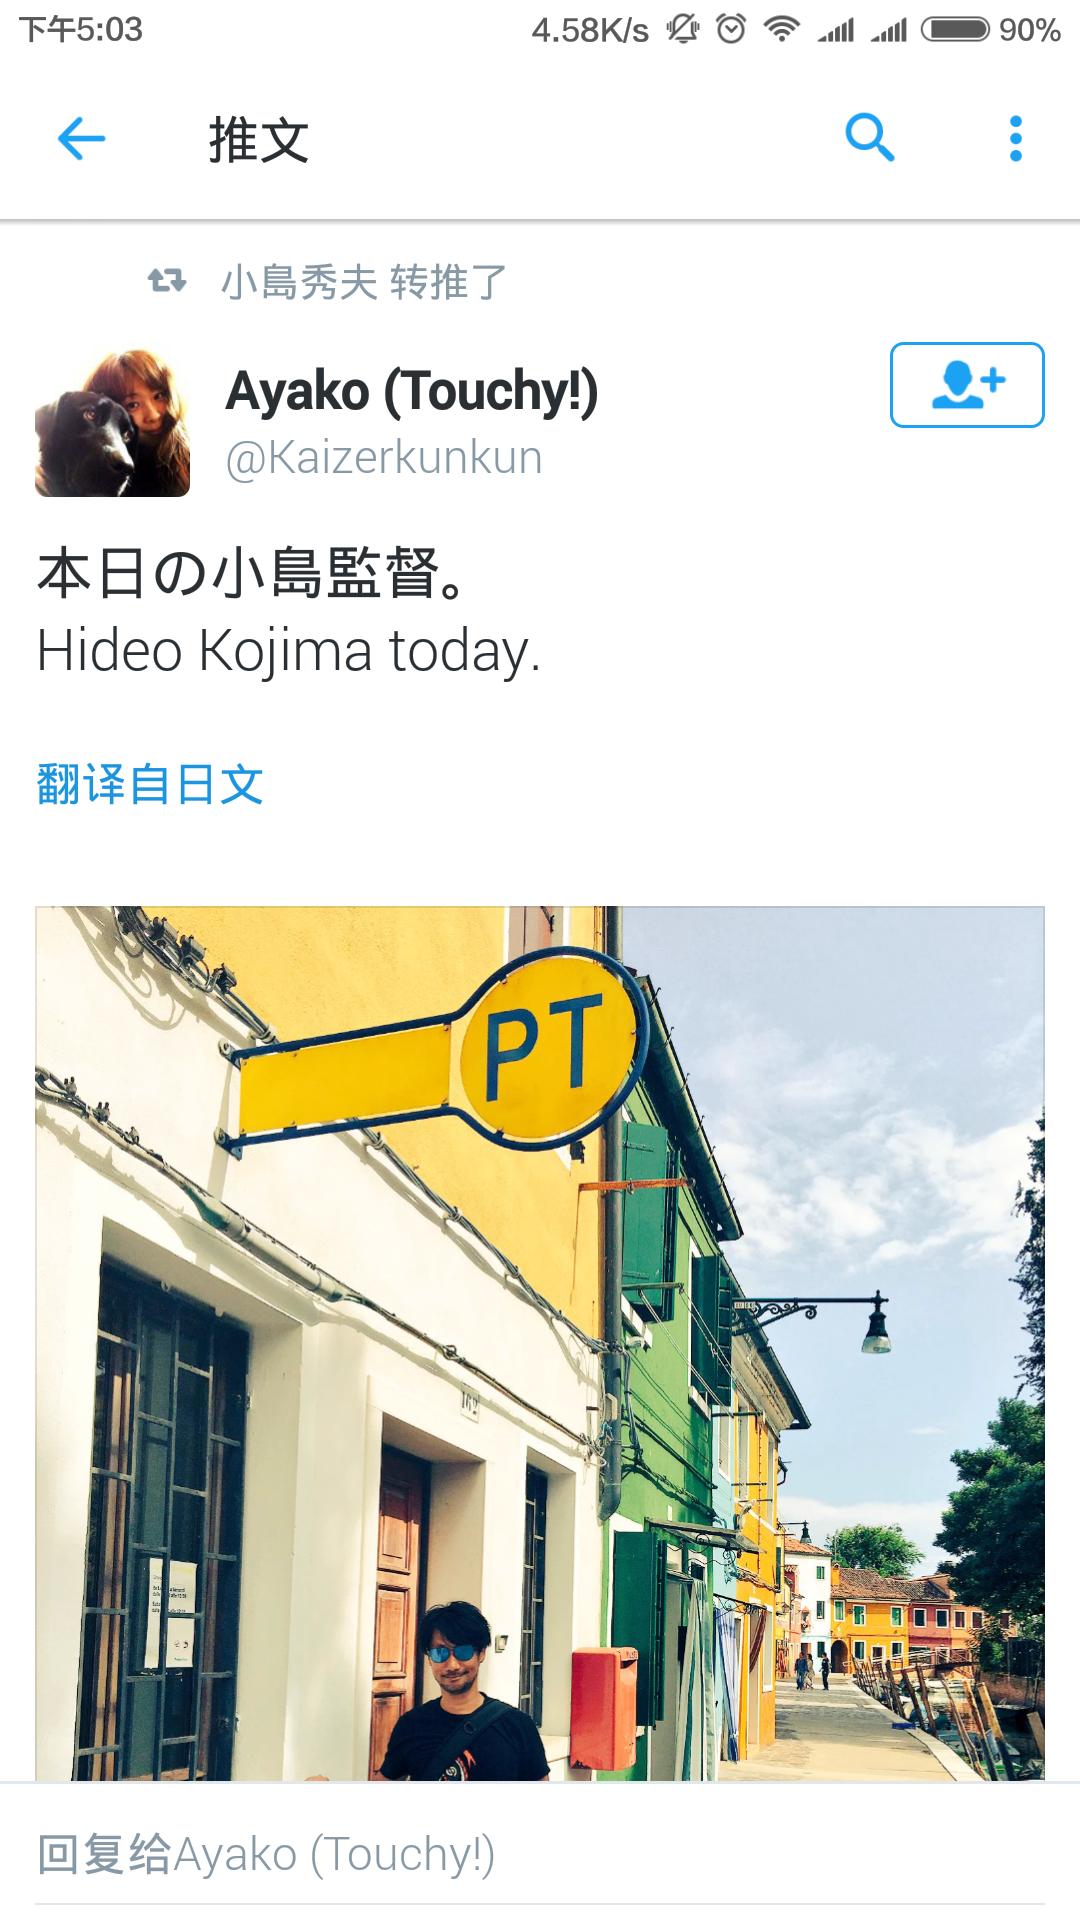 小岛秀夫推特纪念《P.T.》《合金装备》